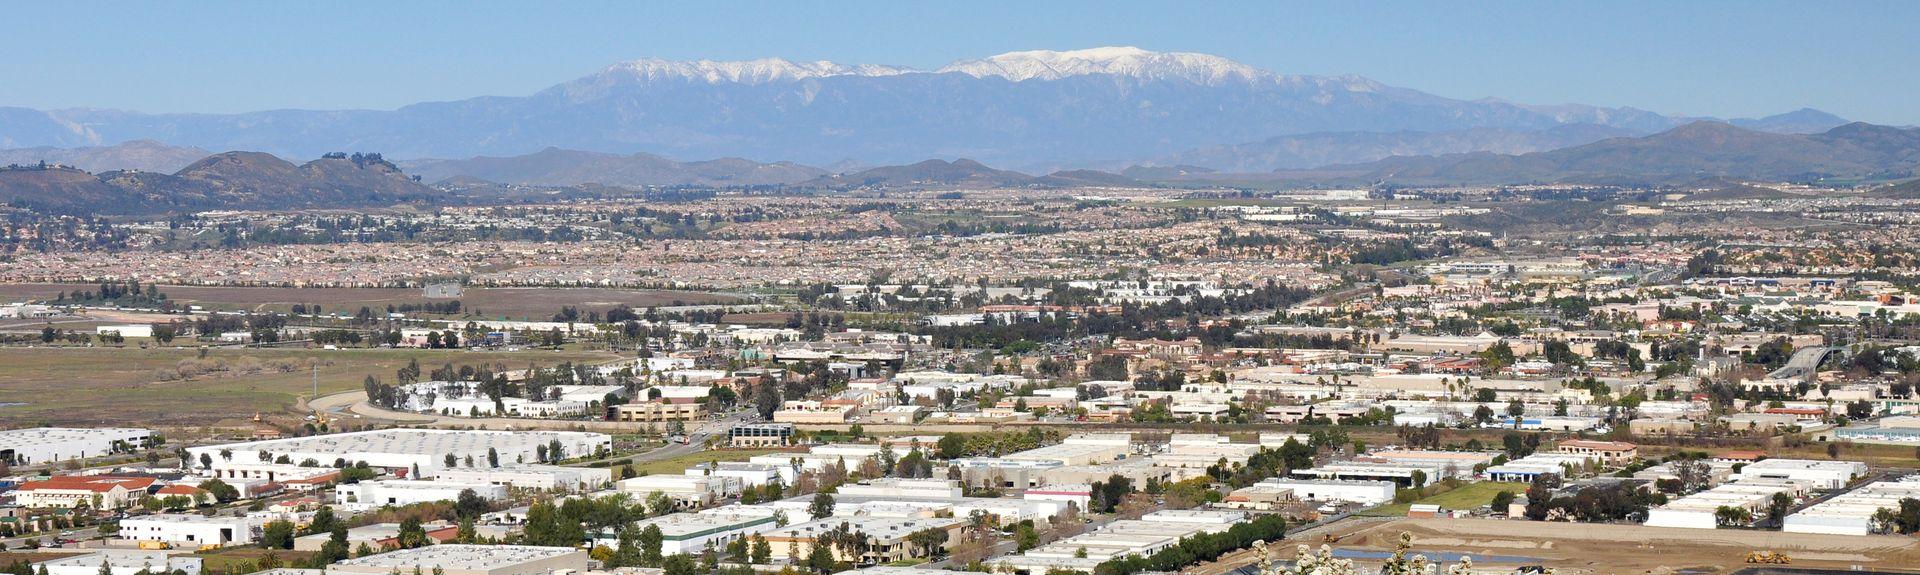 Murrieta, Califórnia, Estados Unidos